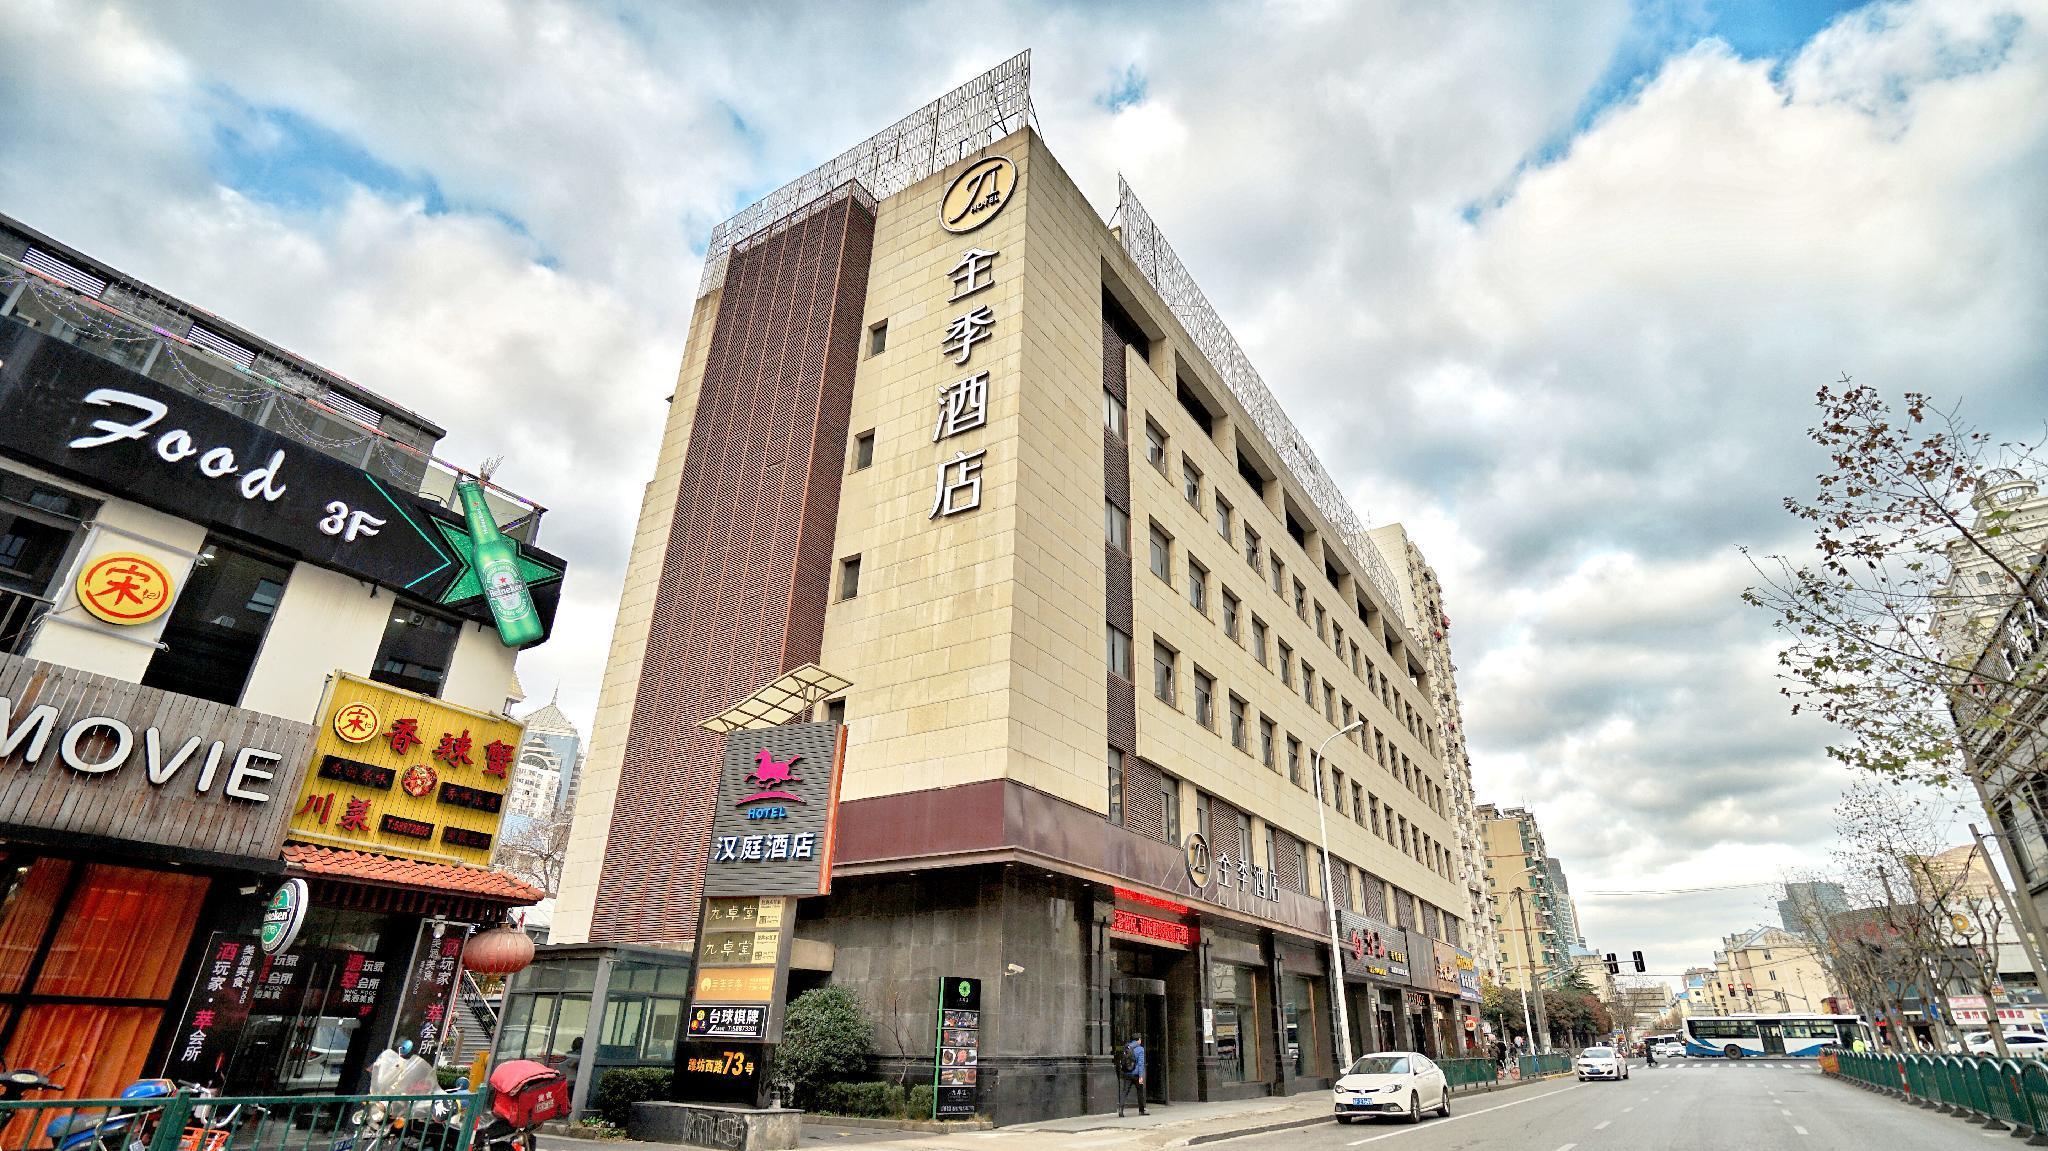 JI Hotel Shanghai Lujiazui Pudong Nan Road